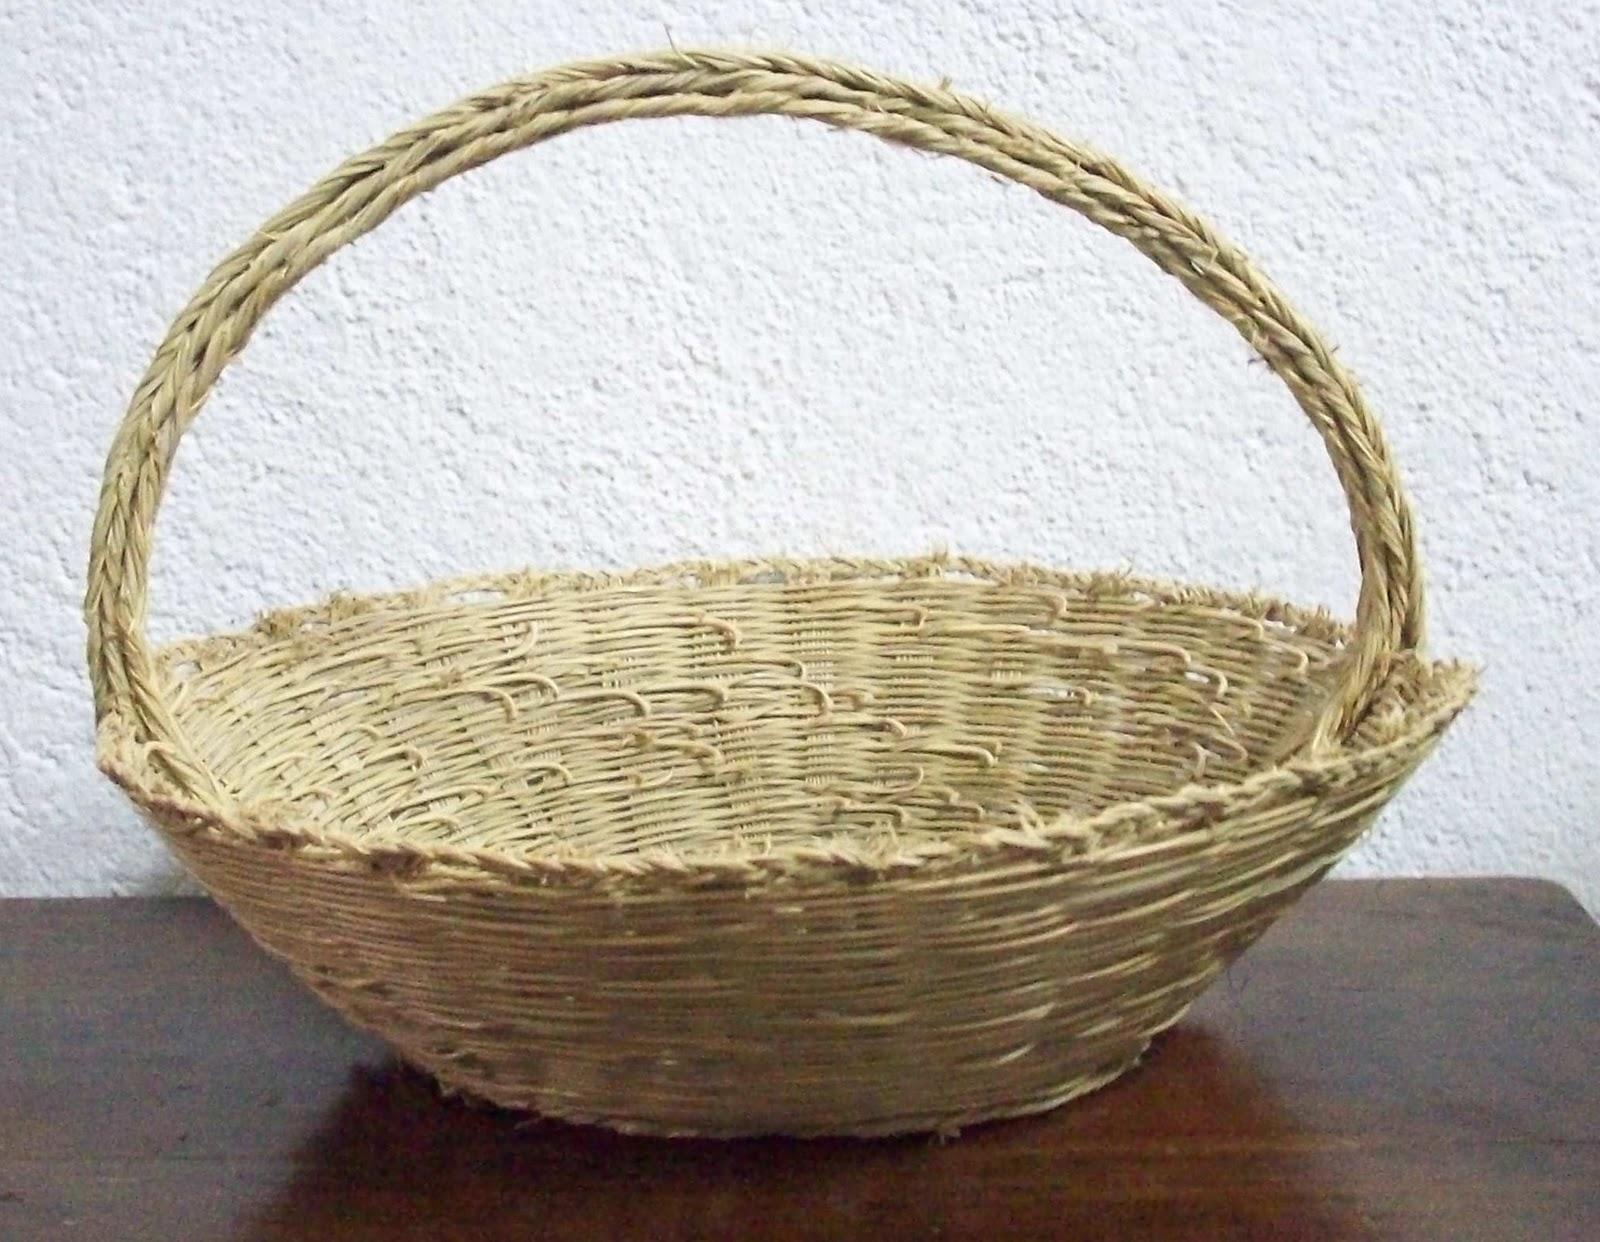 Objetos del pasado objetos de esparto - Cestas de esparto ...